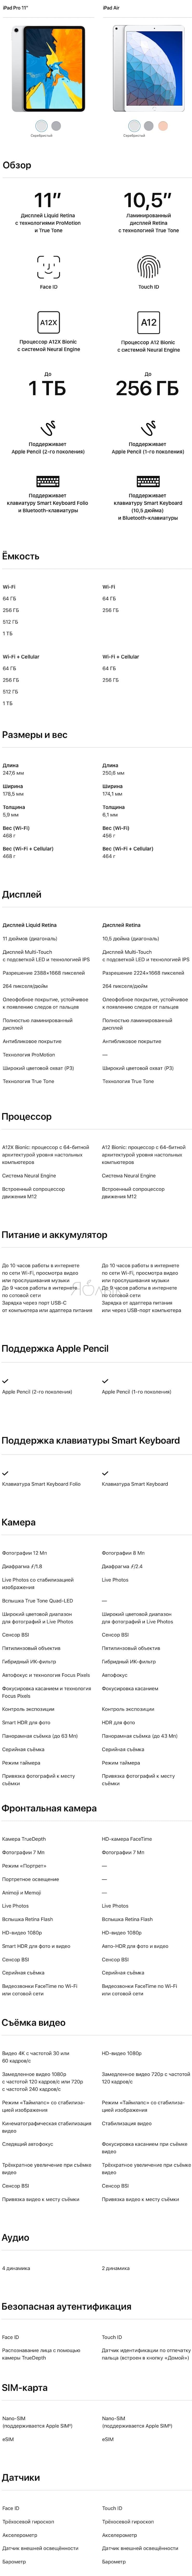 Технические характеристики iPad Air 3 (2019) и iPad Pro (2018)